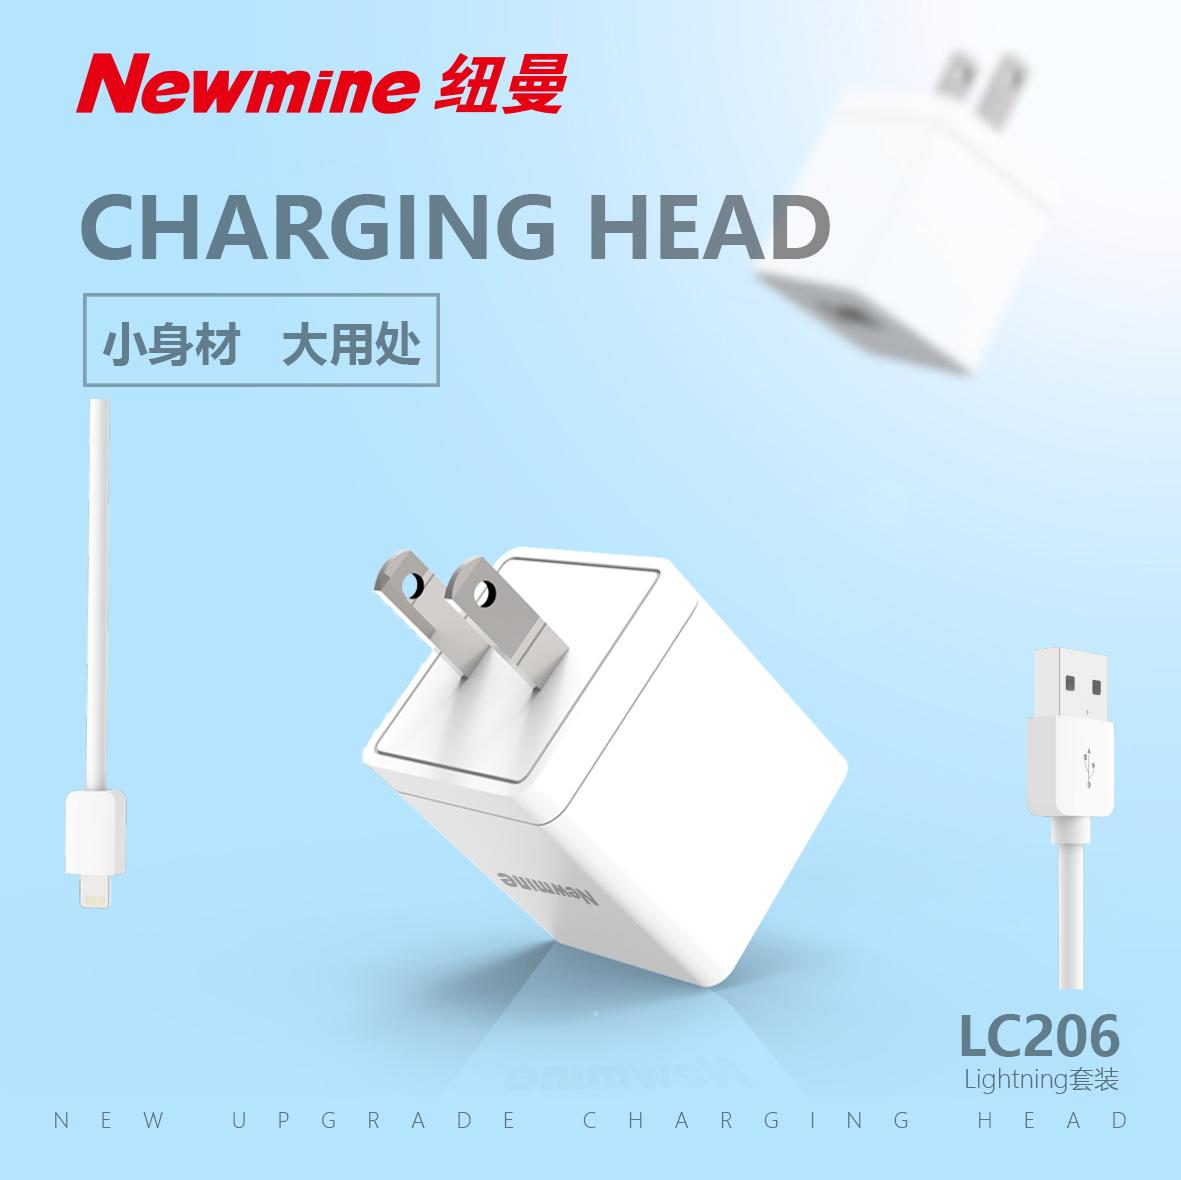 LC206 单U头/Lightning 套装